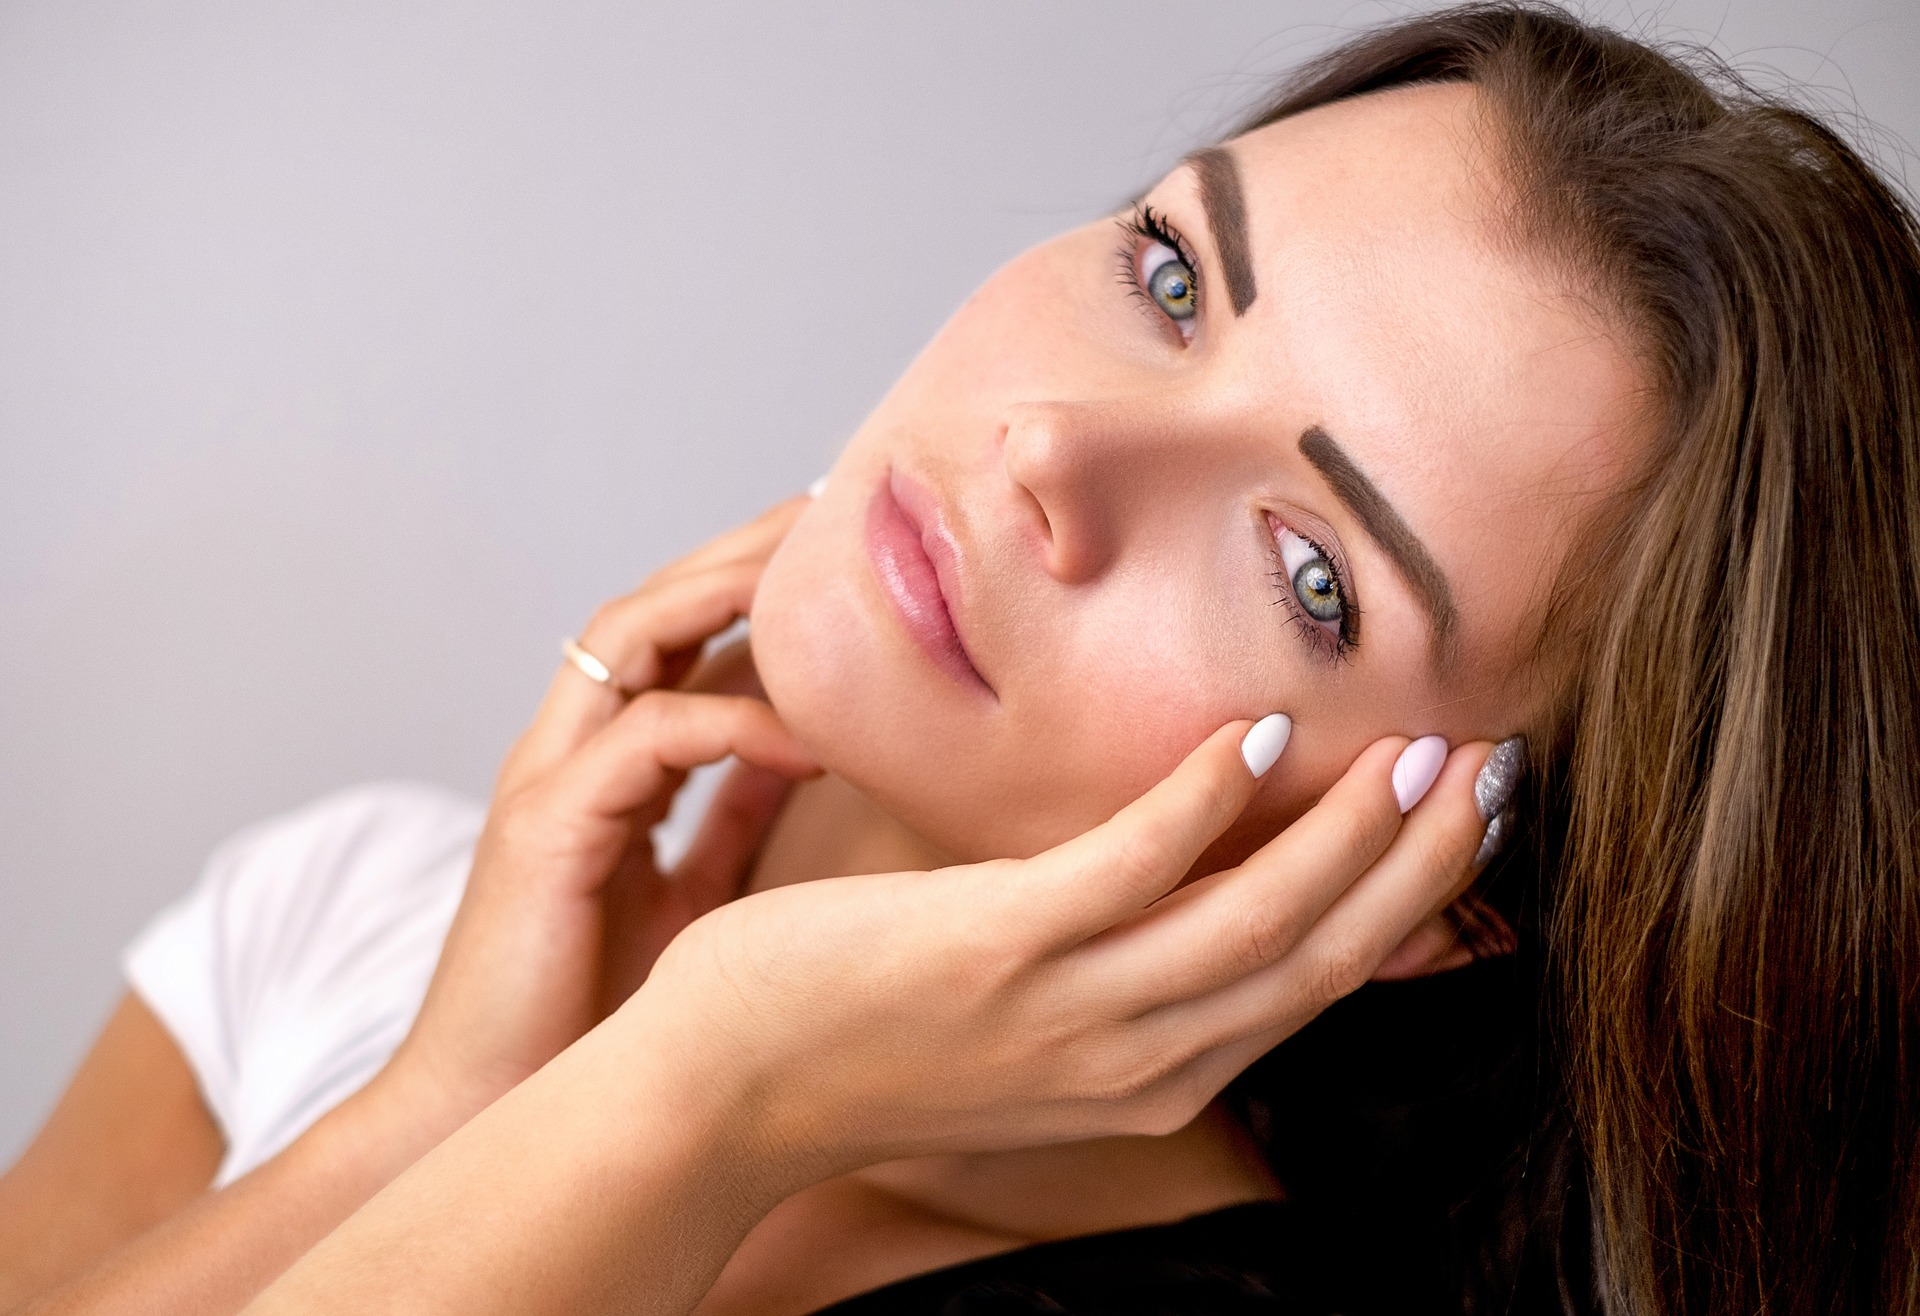 頬の毛穴が開く原因はお肌のたるみ?!頬の開き毛穴と顔のたるみを改善する方法